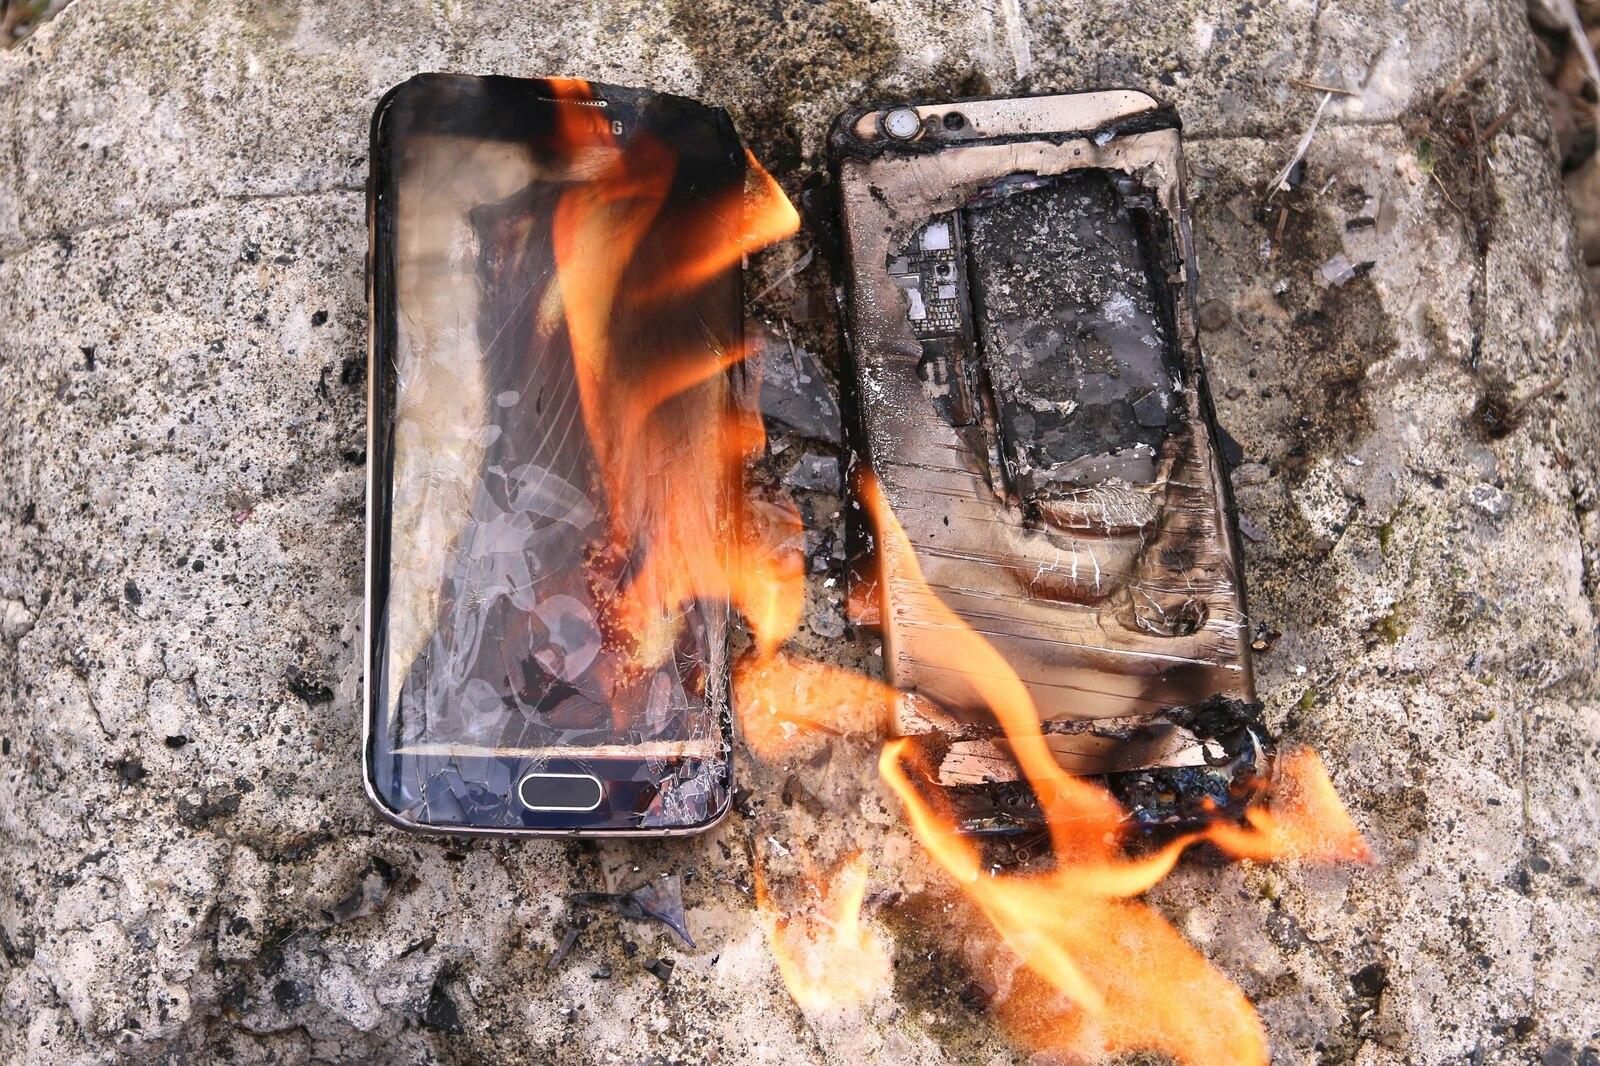 Эксперт Роскачества Кузьменко заявил о вреде выброшенных смартфонов для экологии